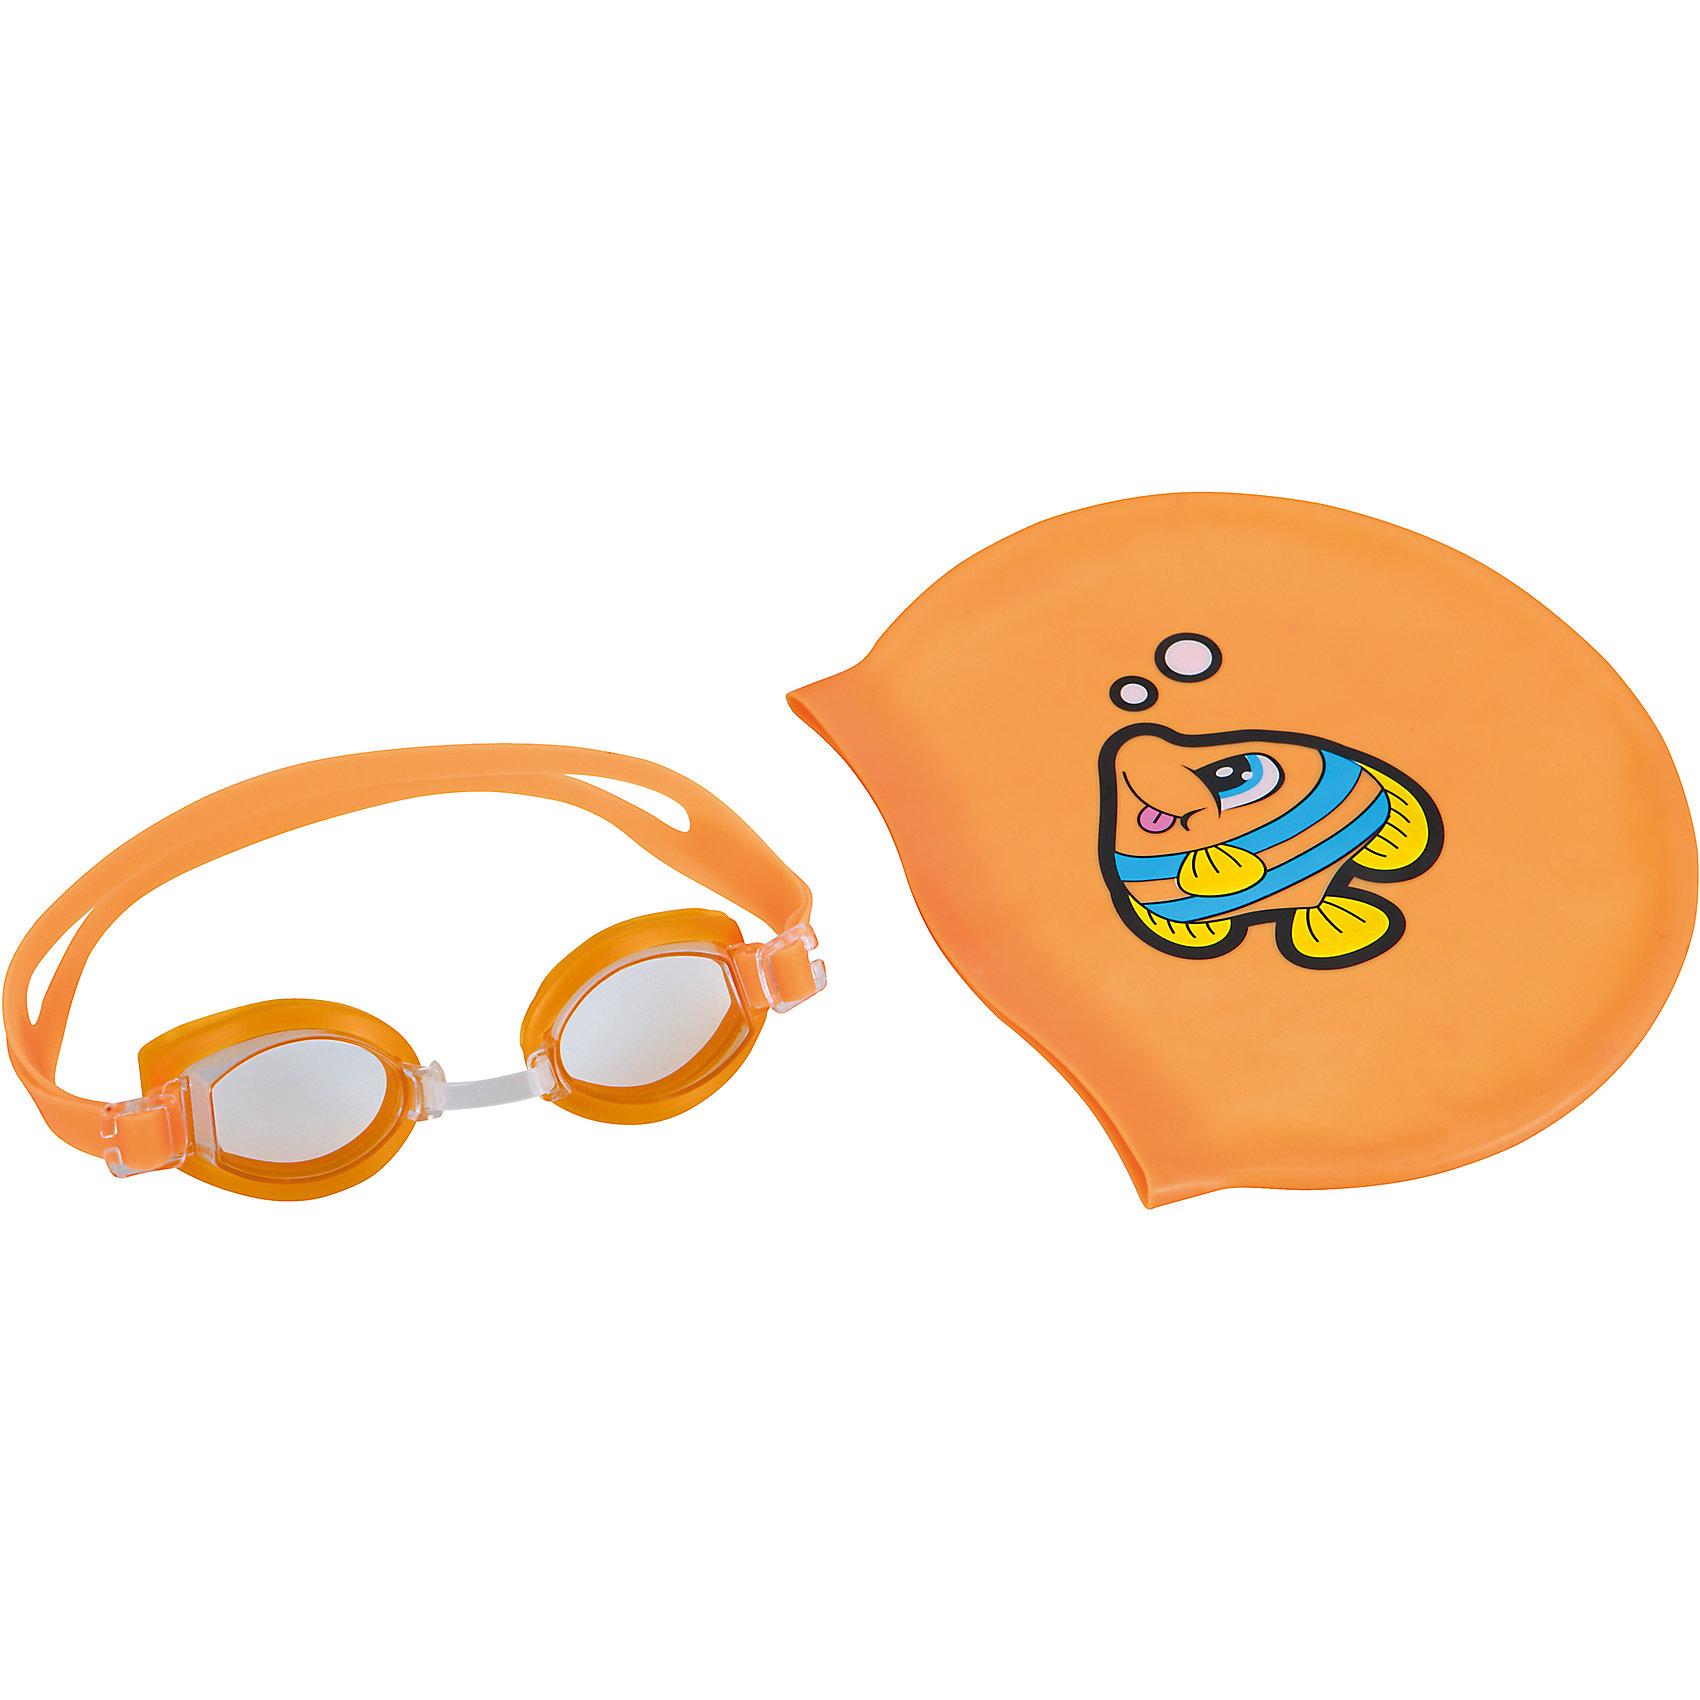 Набор для плавания, Bestway, оранжевыйОчки, маски, ласты, шапочки<br>Набор для плавания  Bestway - прекрасный вариант для активного и веселого пляжного отдыха.<br>Очки и шапочка для плавания выполнены в одной яркой цветовой гамме. Очки оснащены линзами со специальным покрытием для предотвращения запотевания. Мягкая хорошо прилегающая переносица обеспечит удобство и комфорт во время плавания. Силиконовый ремешок, обхватывающий голову, регулируется до нужного размера. Шапочка поможет сохранить волосы сухими и избежать попадания воды в уши. Изготовлена из прочного качественного материала и плотно облегает голову. Комплект упакован в удобный прозрачный чехол. -  Набор для плавания Bestway можно купить в нашем интернет-магазине.<br><br>В комплект входят:<br>- очки для плавания<br>- шапочка<br><br>Дополнительная информация:<br>- Материал: пластик, силикон<br>- Размер упаковки: 18 х 7 х 4 см<br>- Вес: 80 г<br>- Цвет: оранжевый<br>- Возраст: для детей от 7 лет<br>- Бренд: Bestway<br><br>Ширина мм: 180<br>Глубина мм: 70<br>Высота мм: 40<br>Вес г: 80<br>Возраст от месяцев: 84<br>Возраст до месяцев: 144<br>Пол: Унисекс<br>Возраст: Детский<br>SKU: 4828536